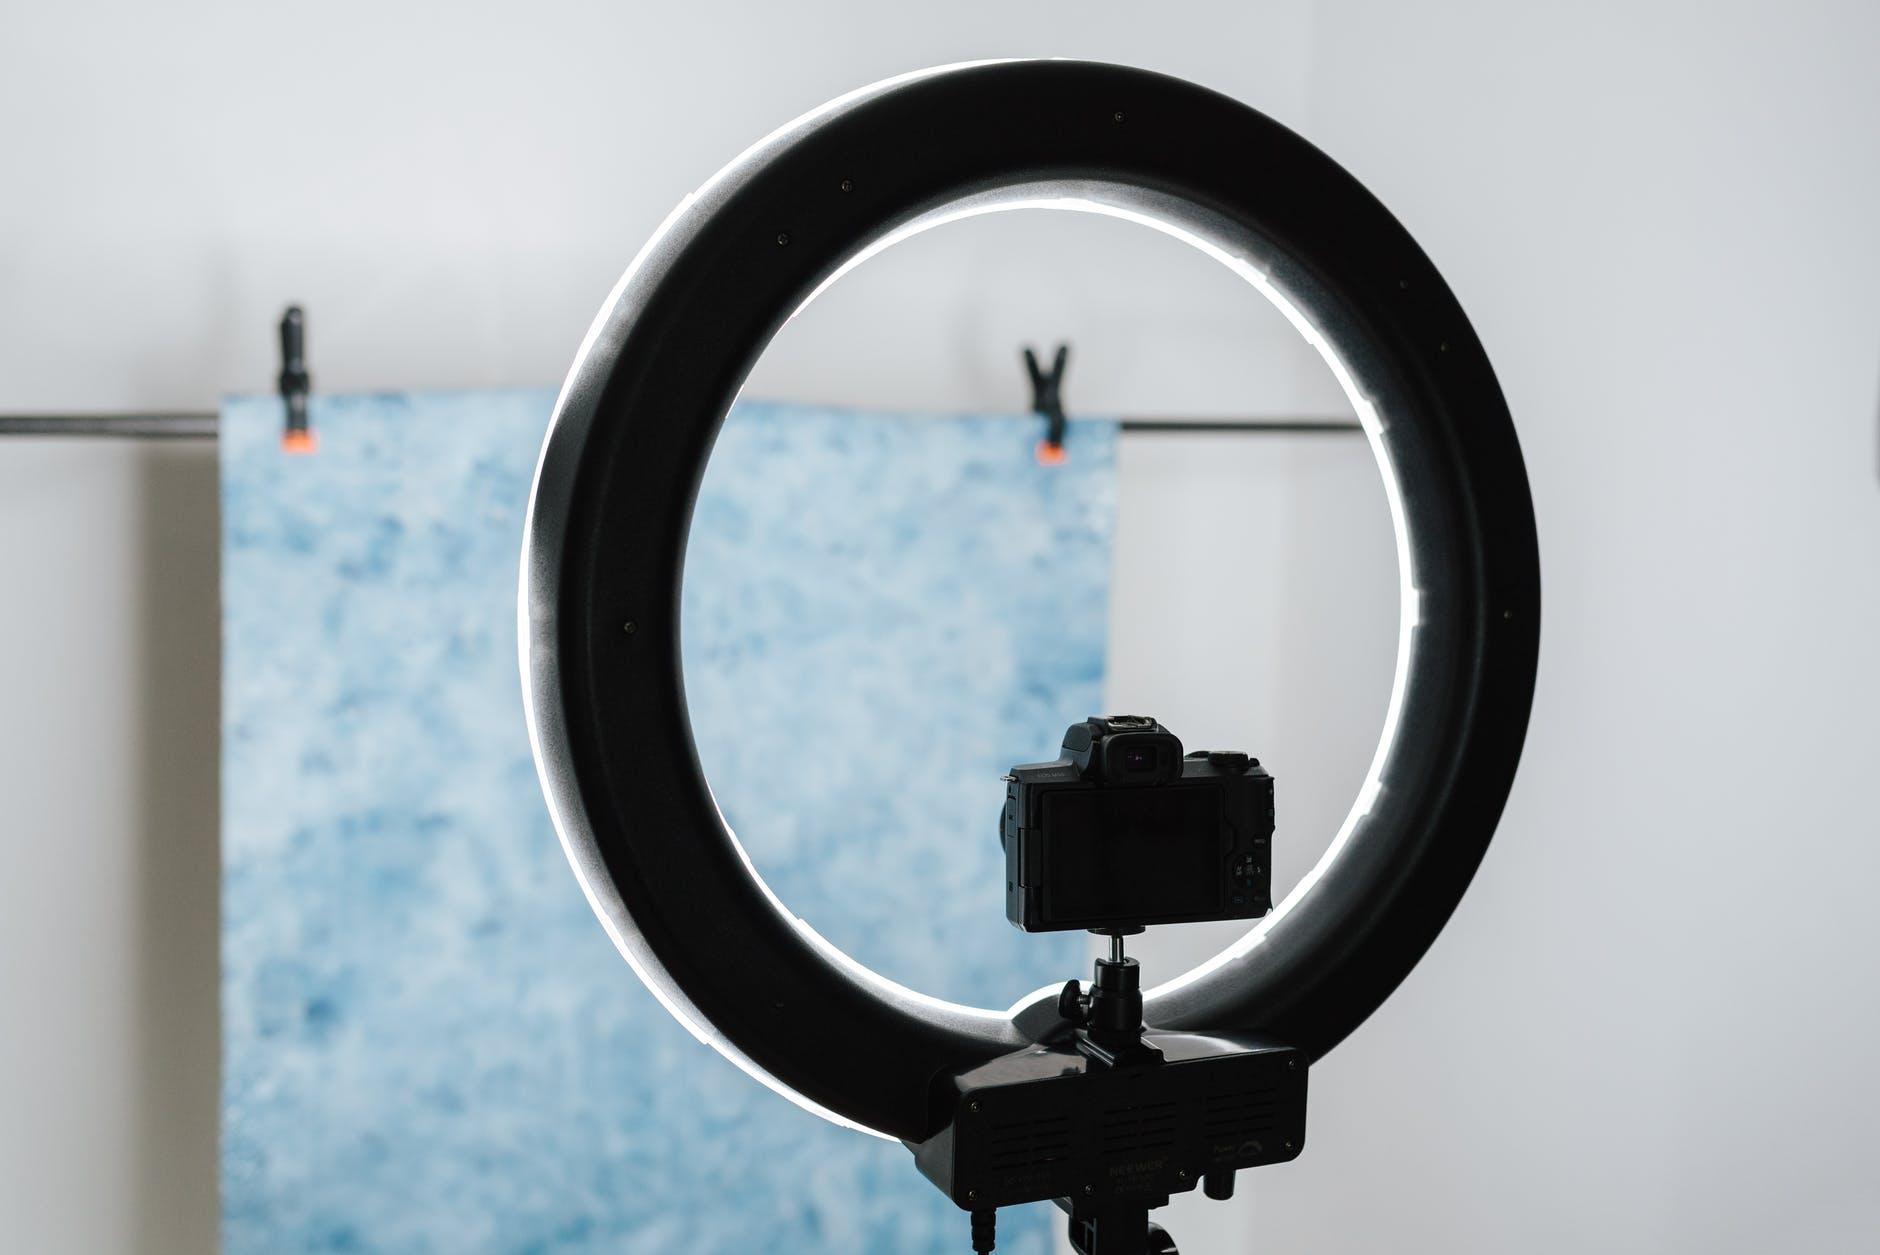 Licenziamento illegittimo: i requisiti per telecamere e altri controlli a distanza